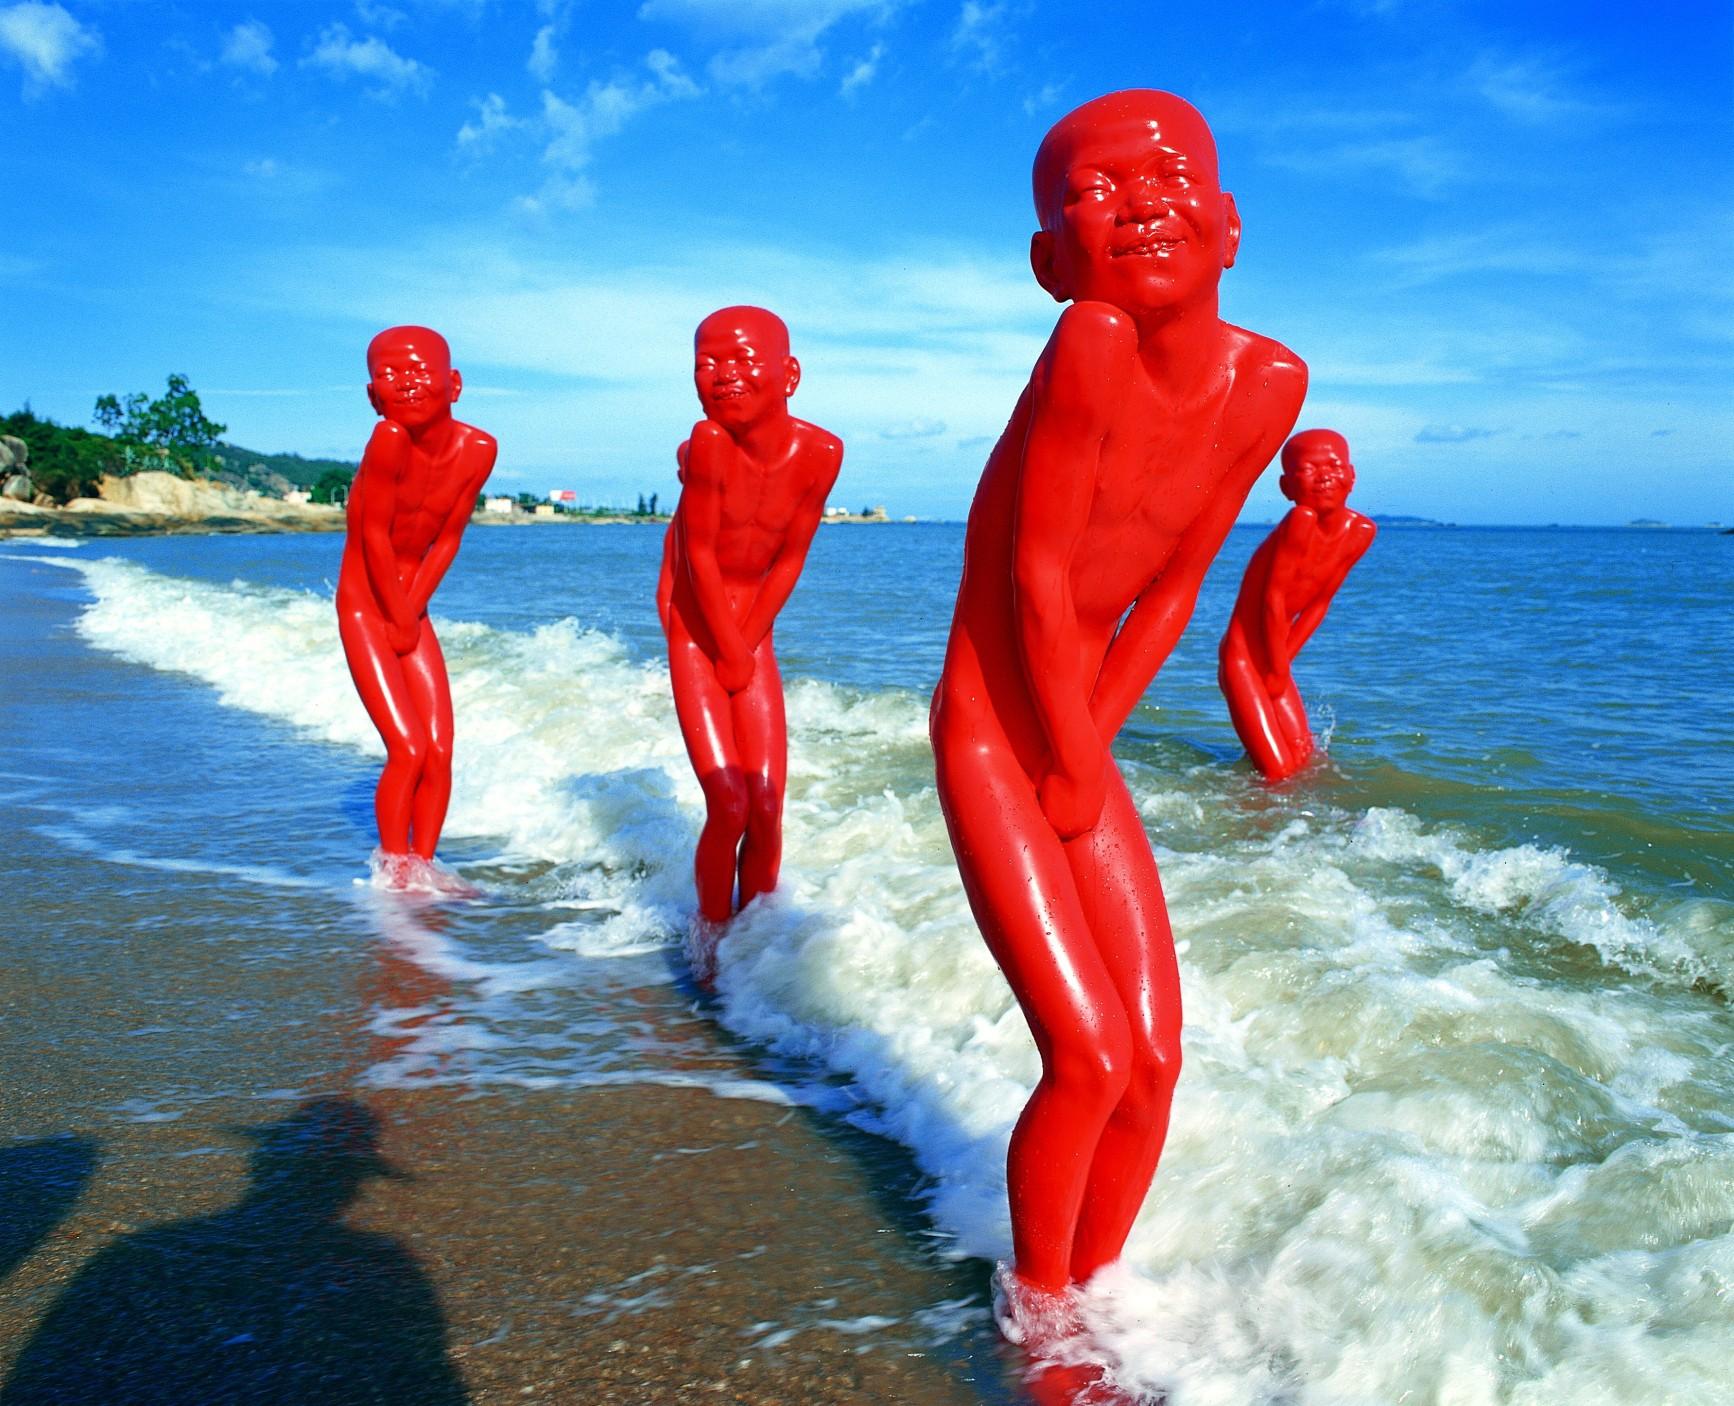 Chen Wen Ling - Beach Sculpture 2